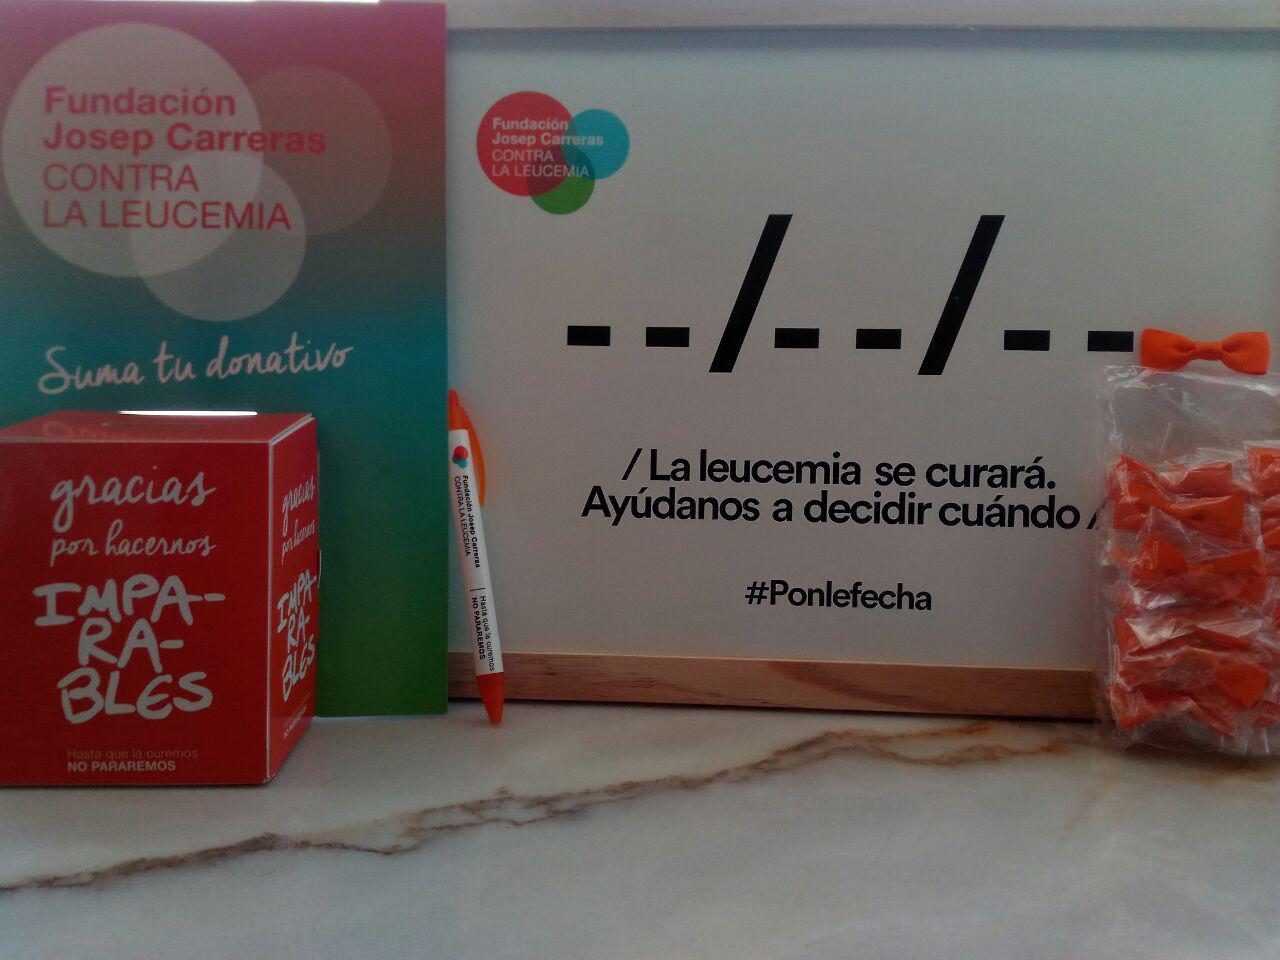 Servicio con la Fundación Josep Carreras